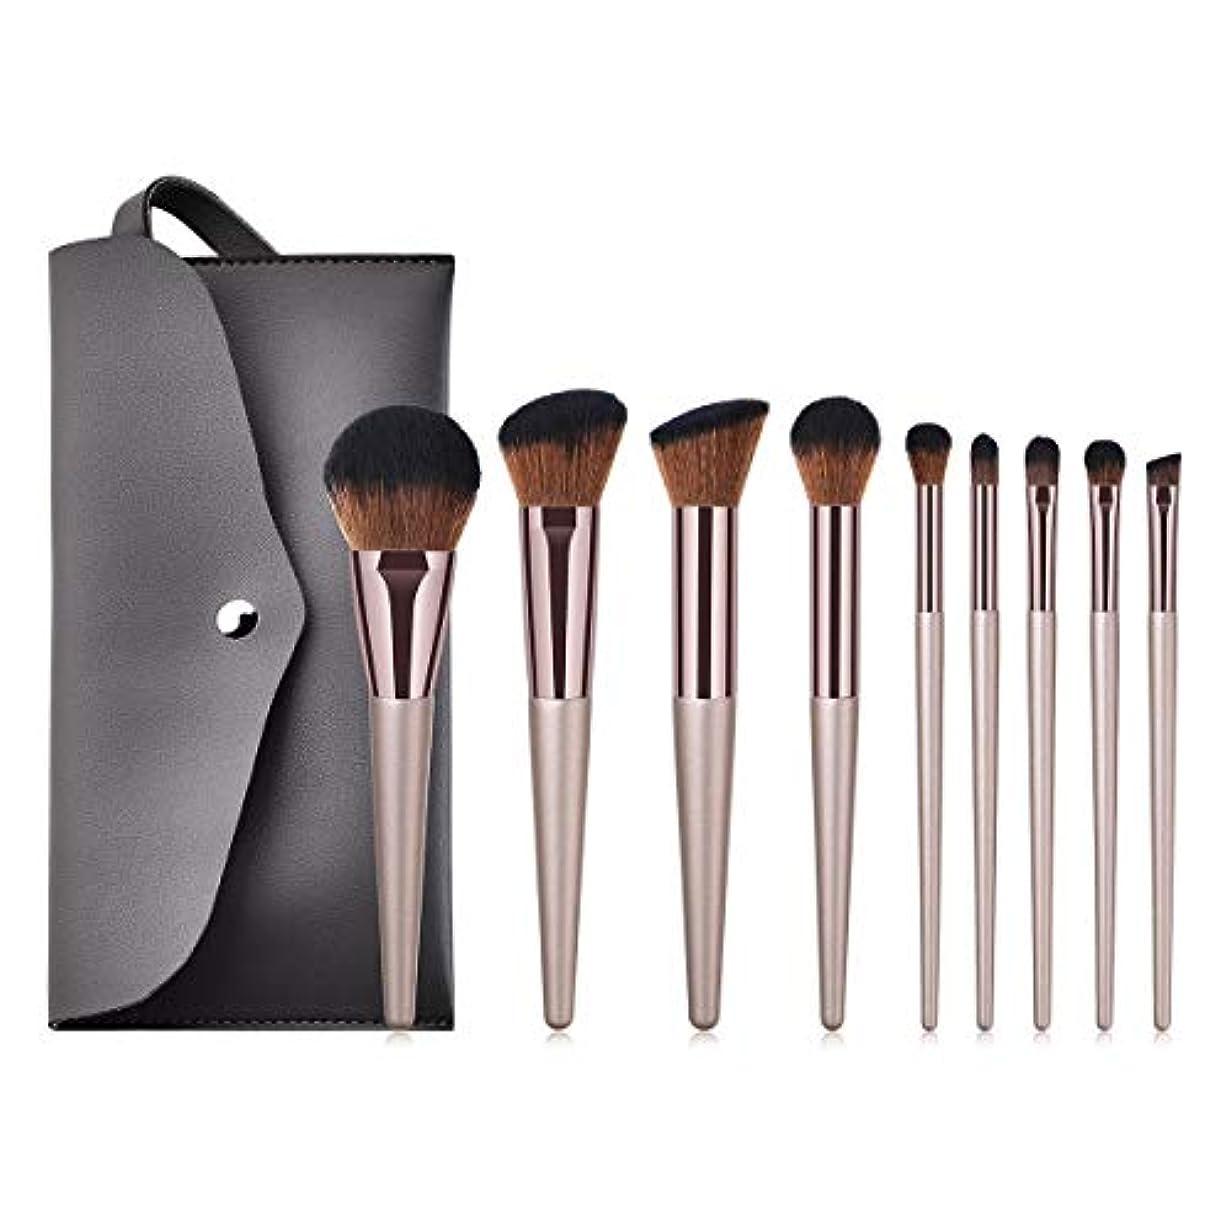 駐地ホイスト評決Makeup brushes PUレザーバッグで設定された豪華な9本の化粧ブラシ suits (Color : Gold)